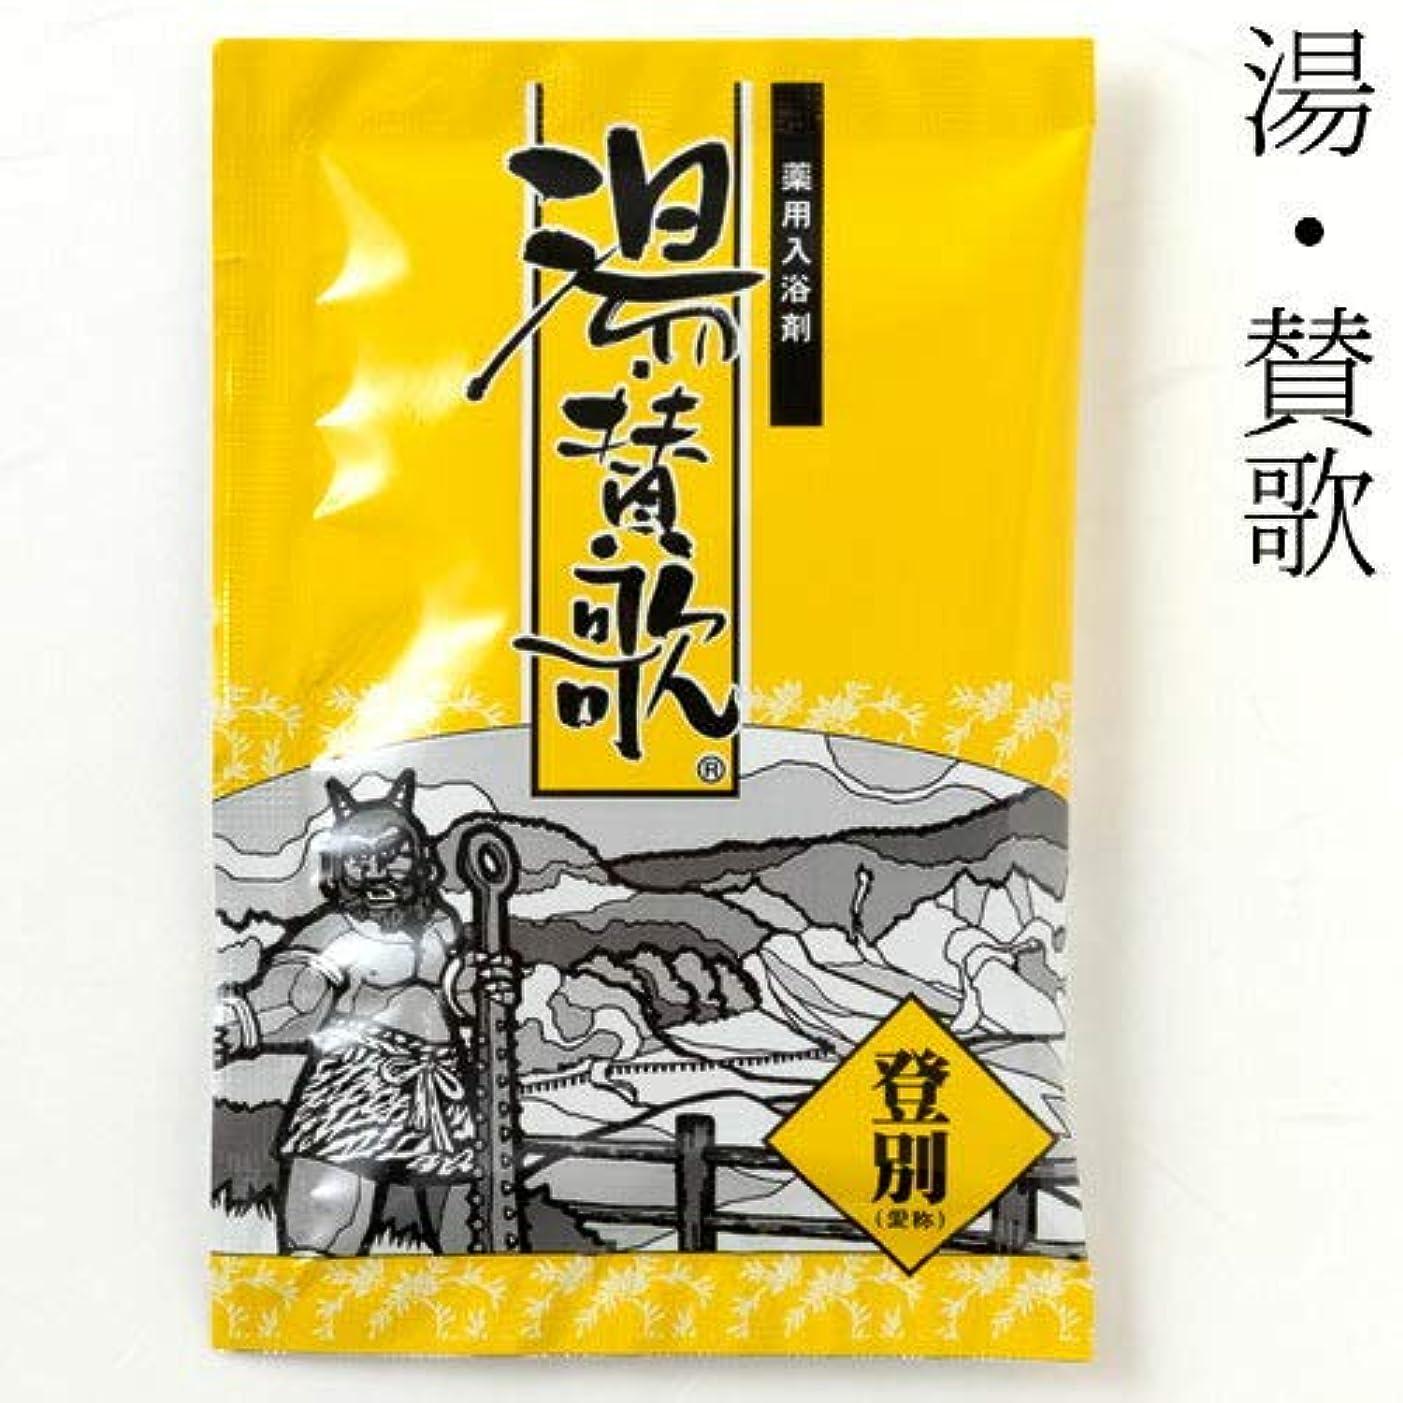 プレートカール孤独な入浴剤湯?賛歌登別1包石川県のお風呂グッズBath additive, Ishikawa craft